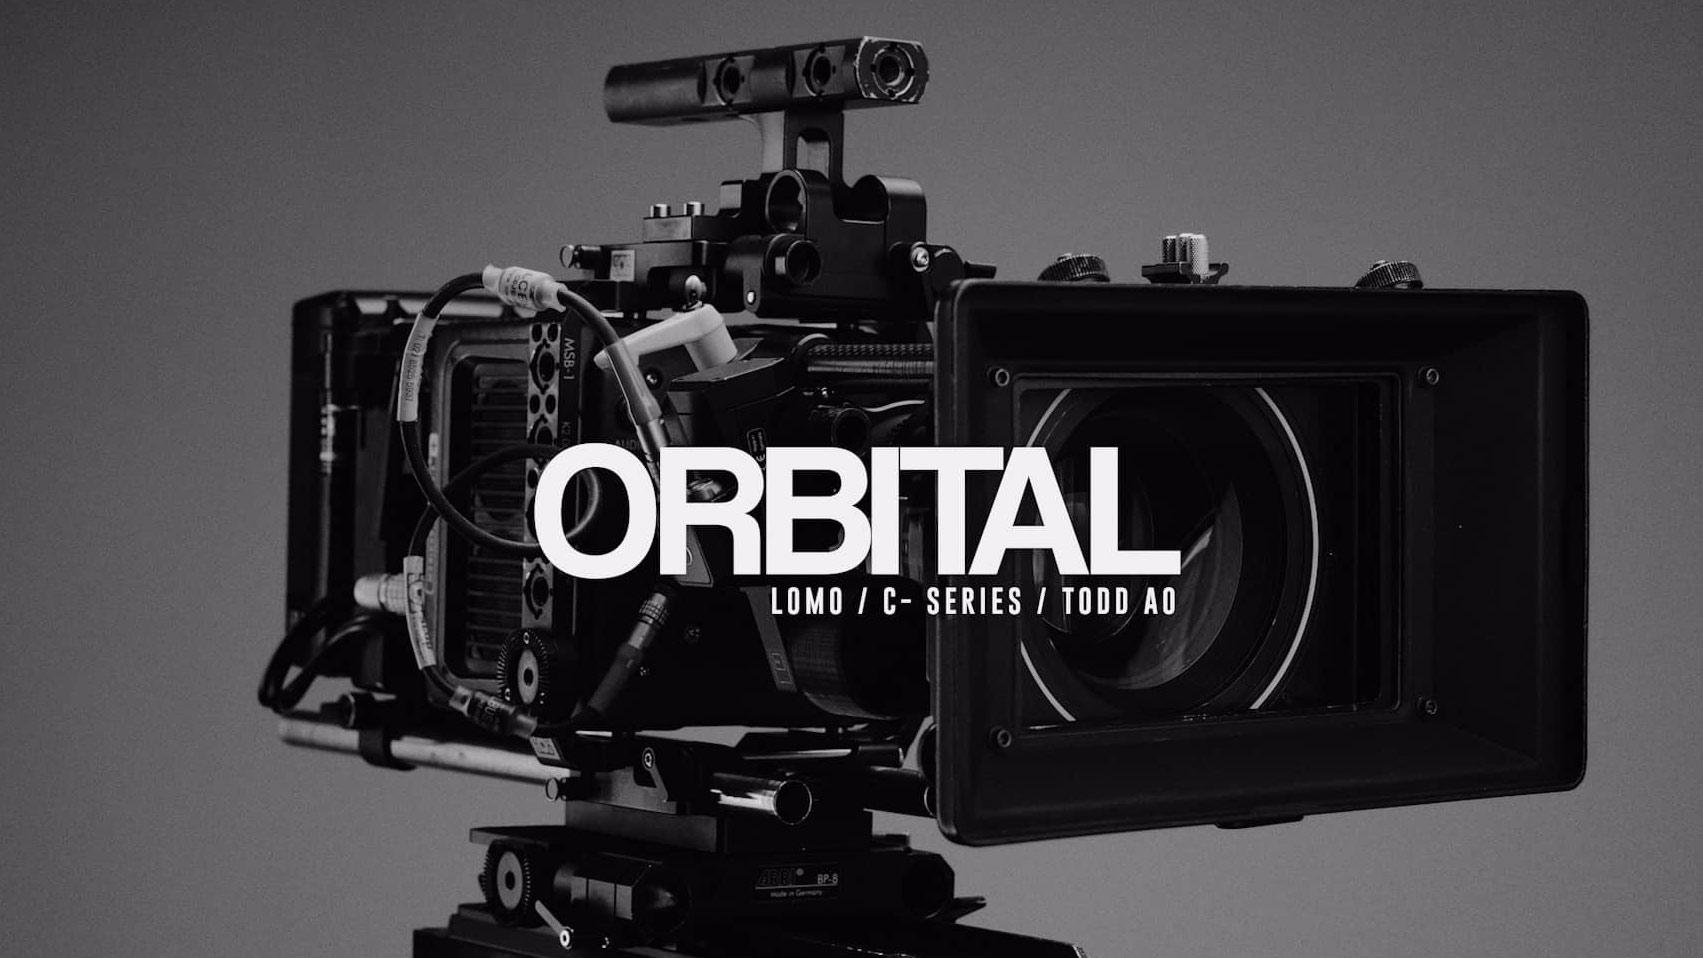 ArmaがOrbitalを発表 - Lomoと Hawk C-Seriesレンズ用フォローフォーカスシステム